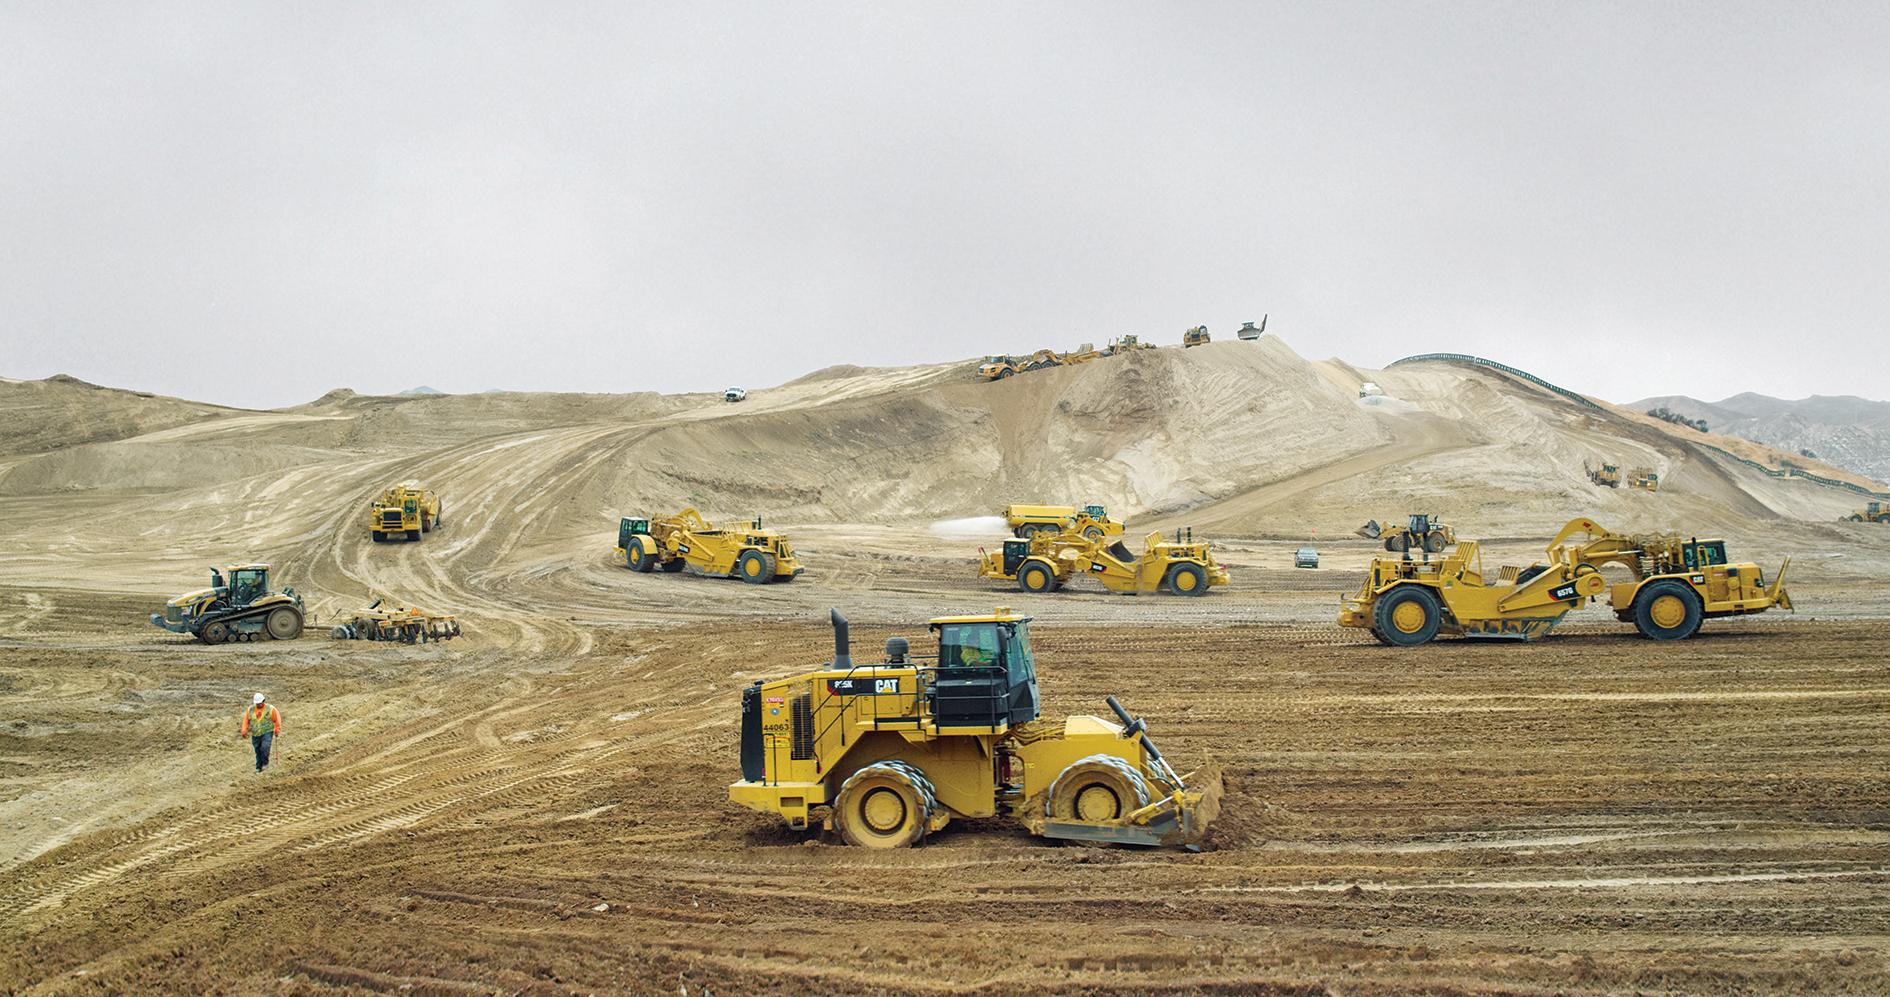 """Hier entsteht eine Stadt: Planierarbeiten im San Fernando Valley, aus: """"Erde"""""""